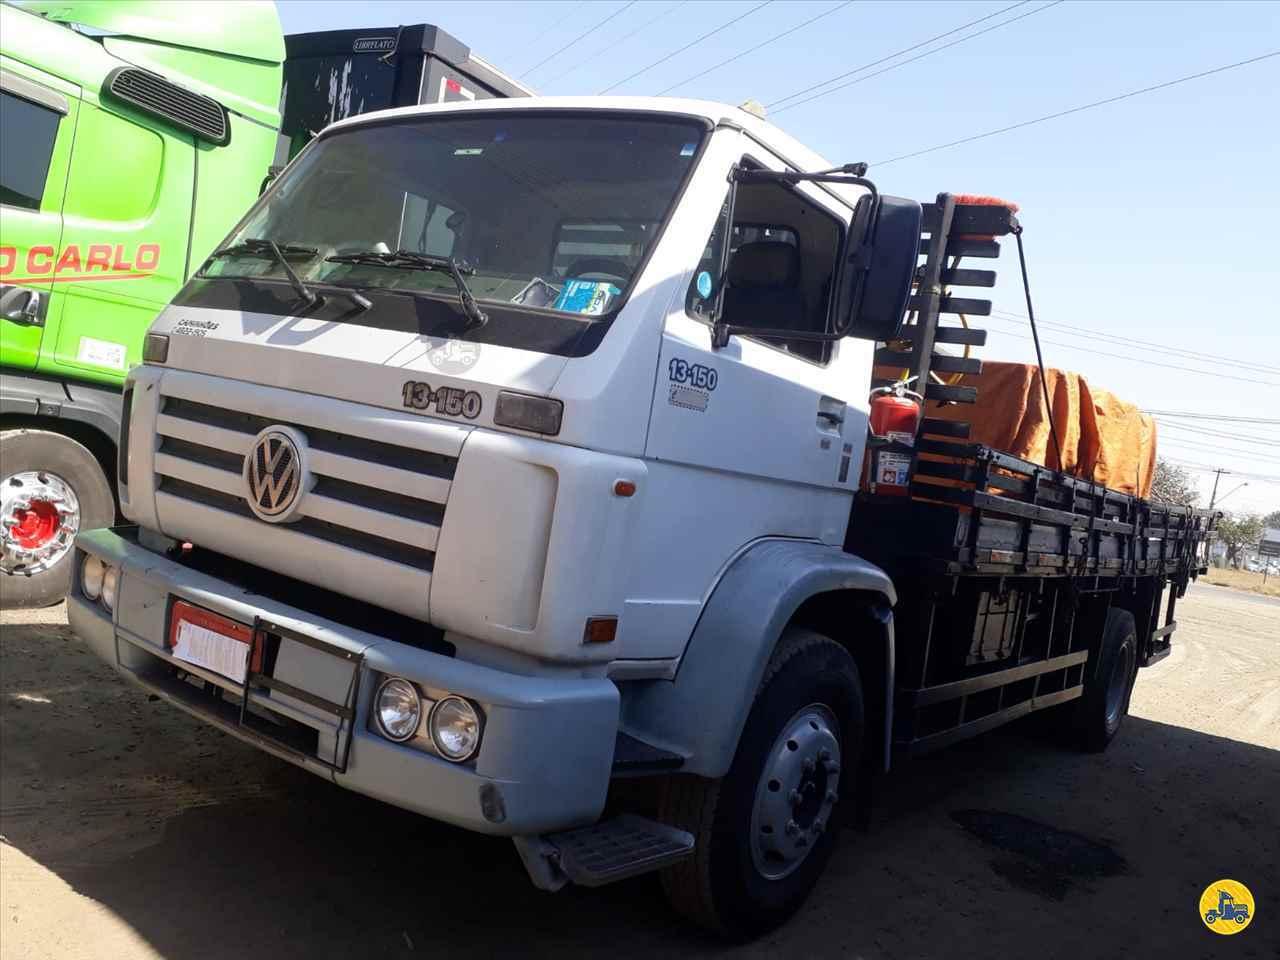 CAMINHAO VOLKSWAGEN VW 13150 Carga Seca Toco 4x2 Wilson Caminhões RIBEIRAO PIRES SÃO PAULO SP